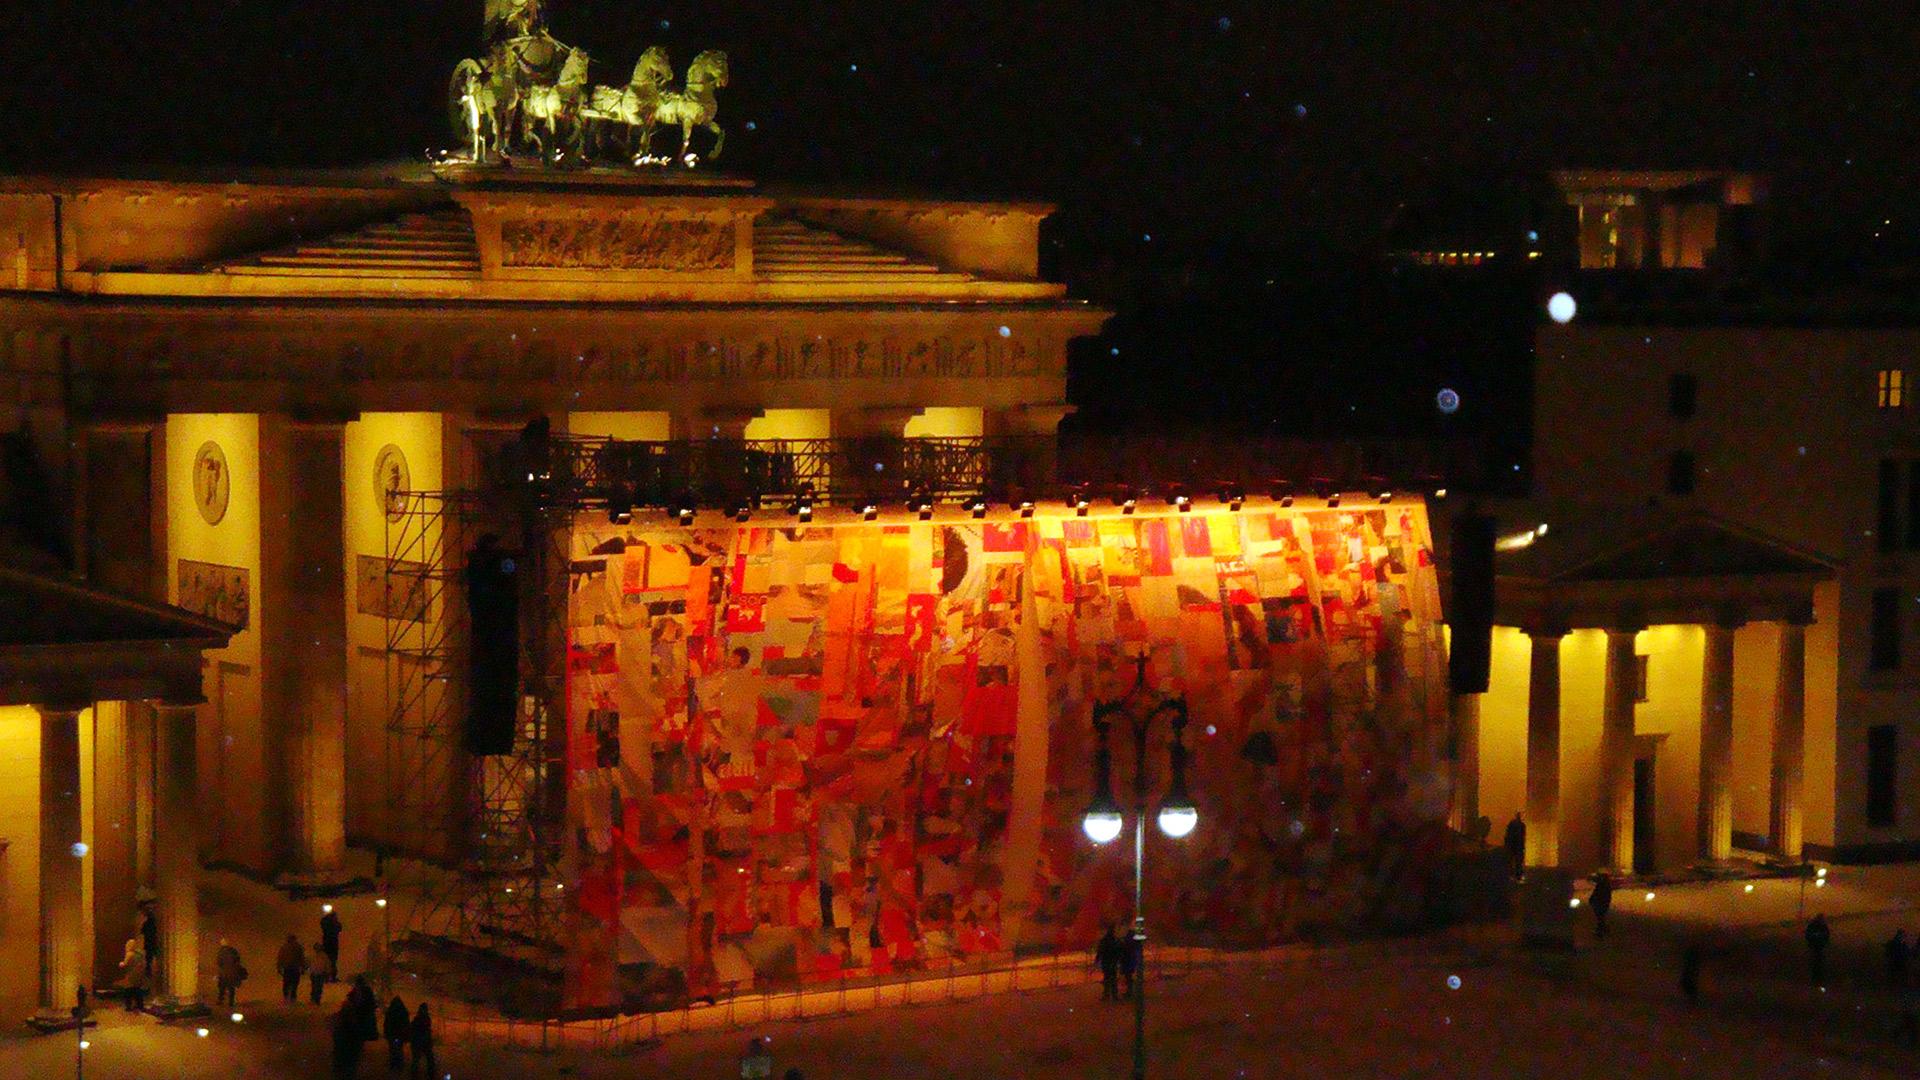 Berlinale-BT-Matti-Michalke-Berlin-Brandenburg-Aussenwerbung-Innenwerbung-Banner-Planen-Folien-Werbemittel-Druck-Print